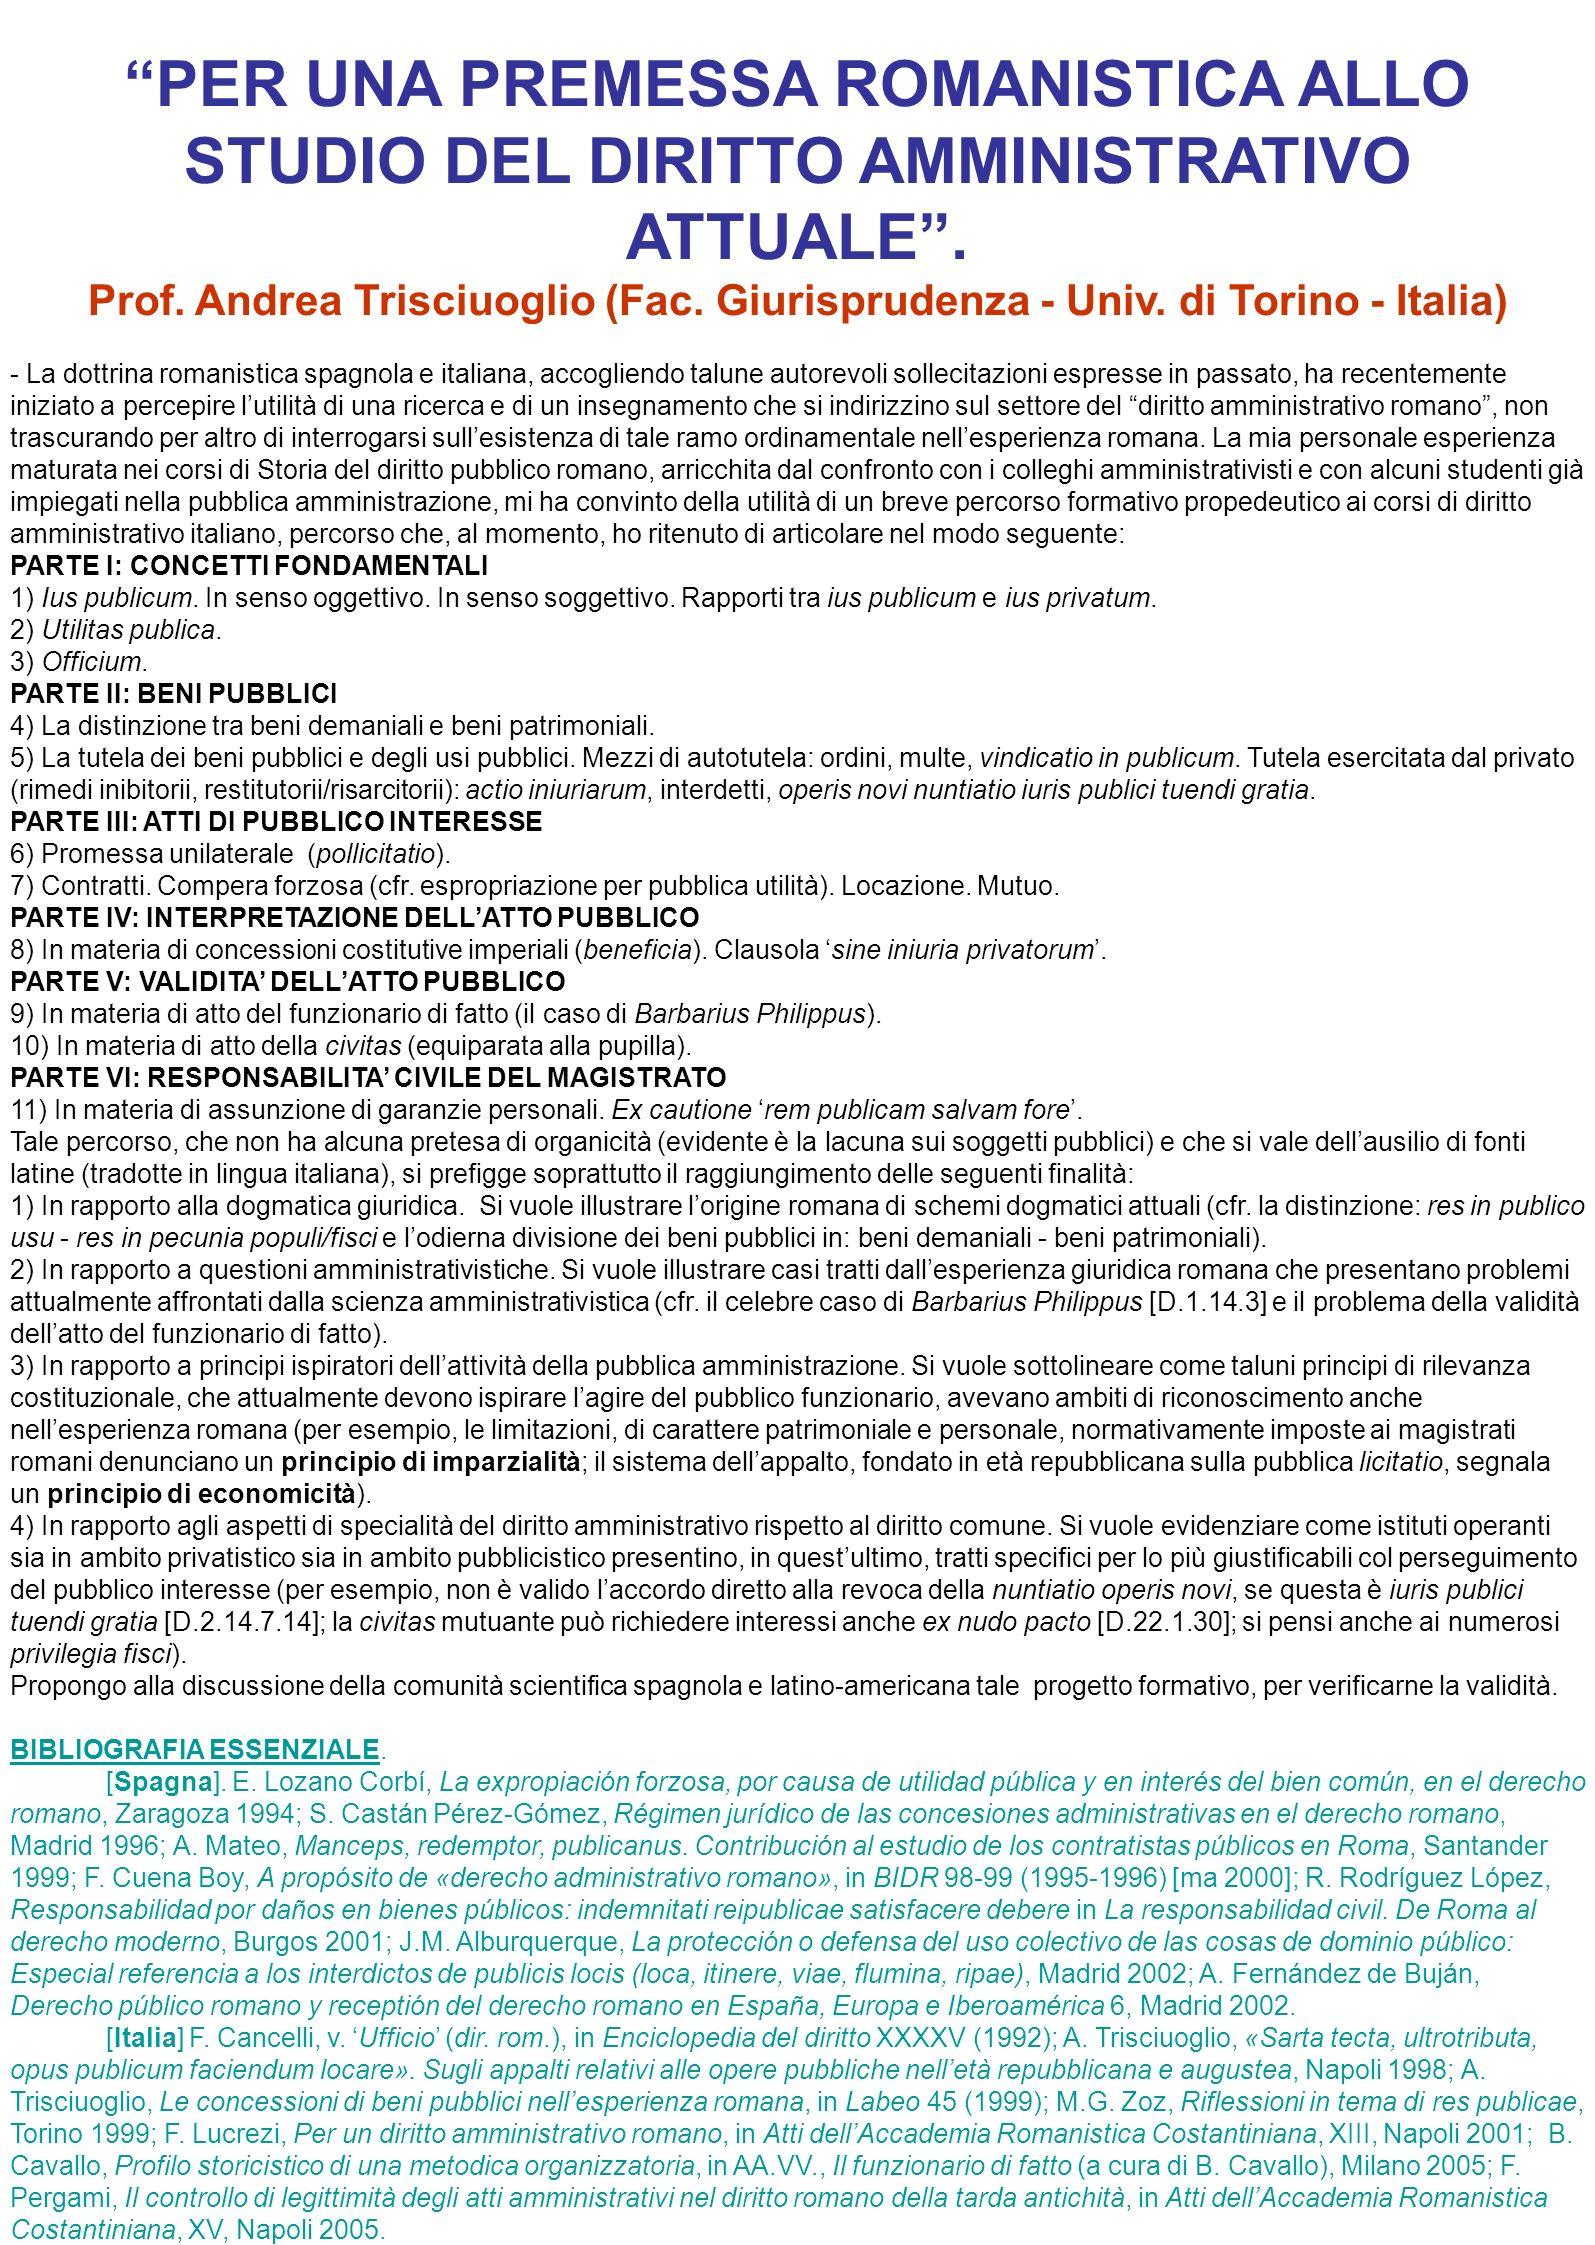 PER UNA PREMESSA ROMANISTICA ALLO STUDIO DEL DIRITTO AMMINISTRATIVO ATTUALE. Prof. Andrea Trisciuoglio (Fac. Giurisprudenza - Univ. di Torino - Italia